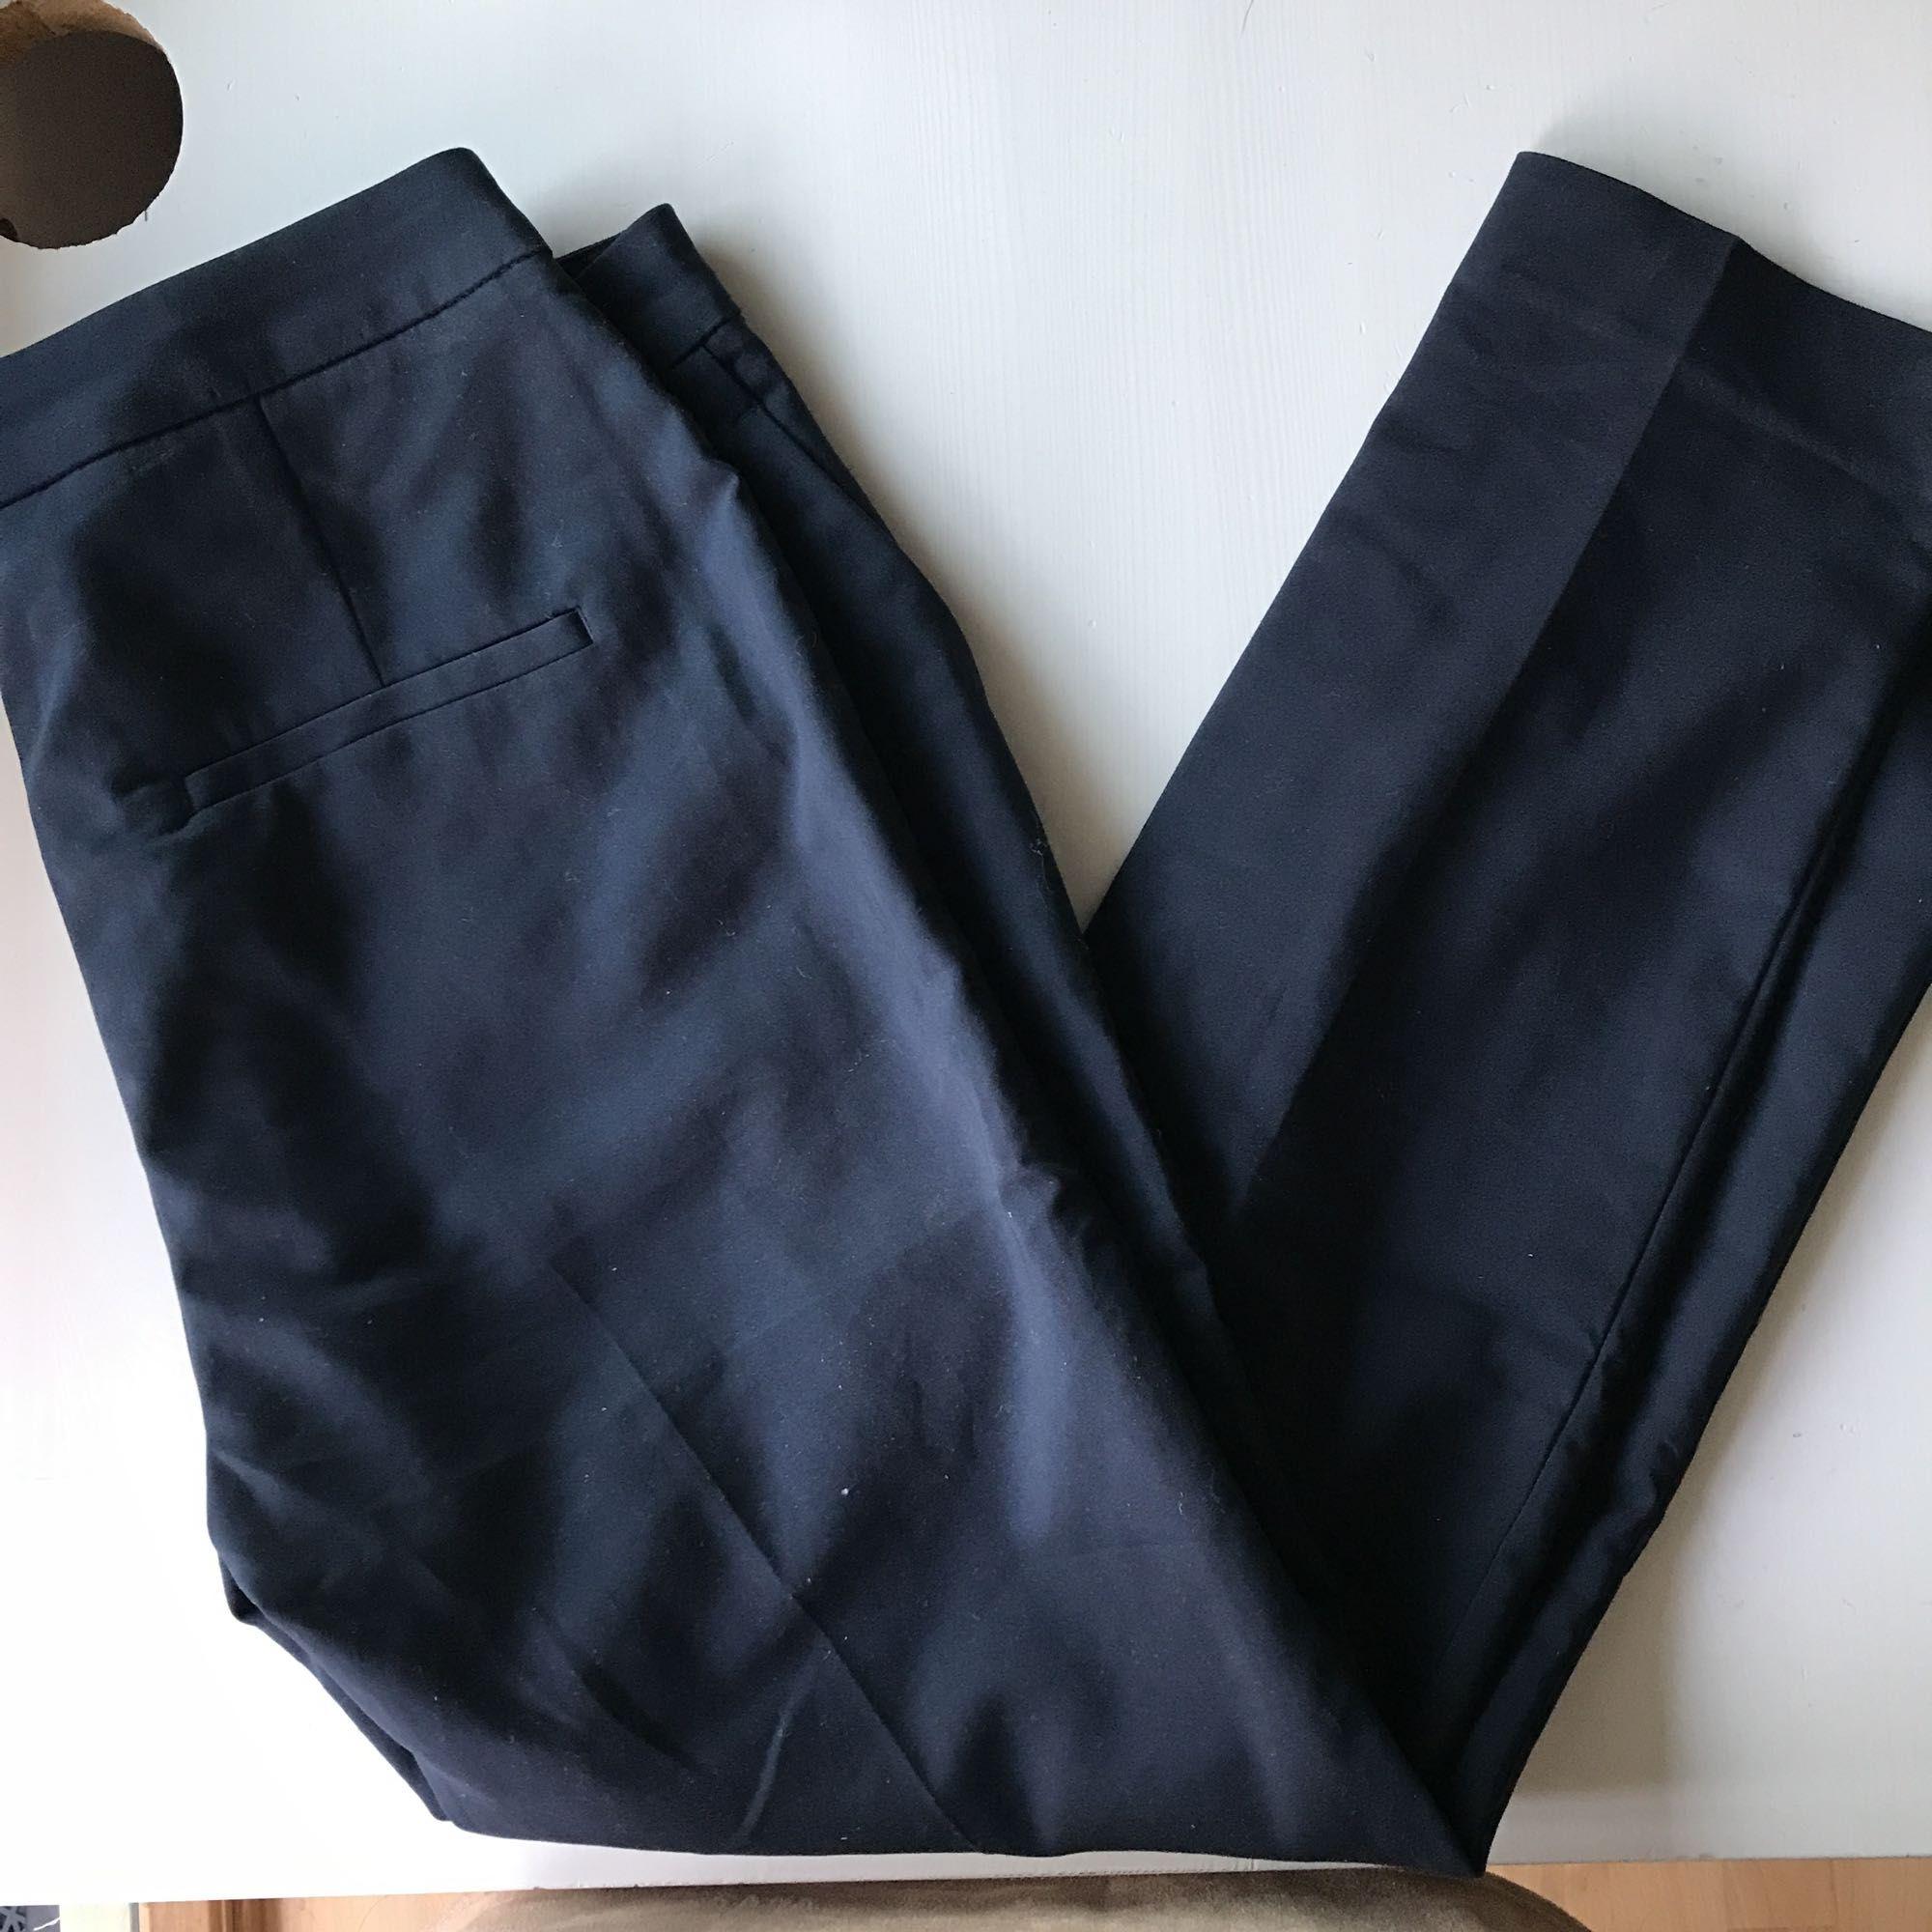 Jäkligt snygga kostymbyxor från H&M😍 de är storlek 36 men jag vill ha dom tajtare så är lite stora tyvärr:(. Dom ser tajta ut men har dragit åt dom lite för bättre bilder👍🏼 frakt: 55kr. Jeans & Byxor.